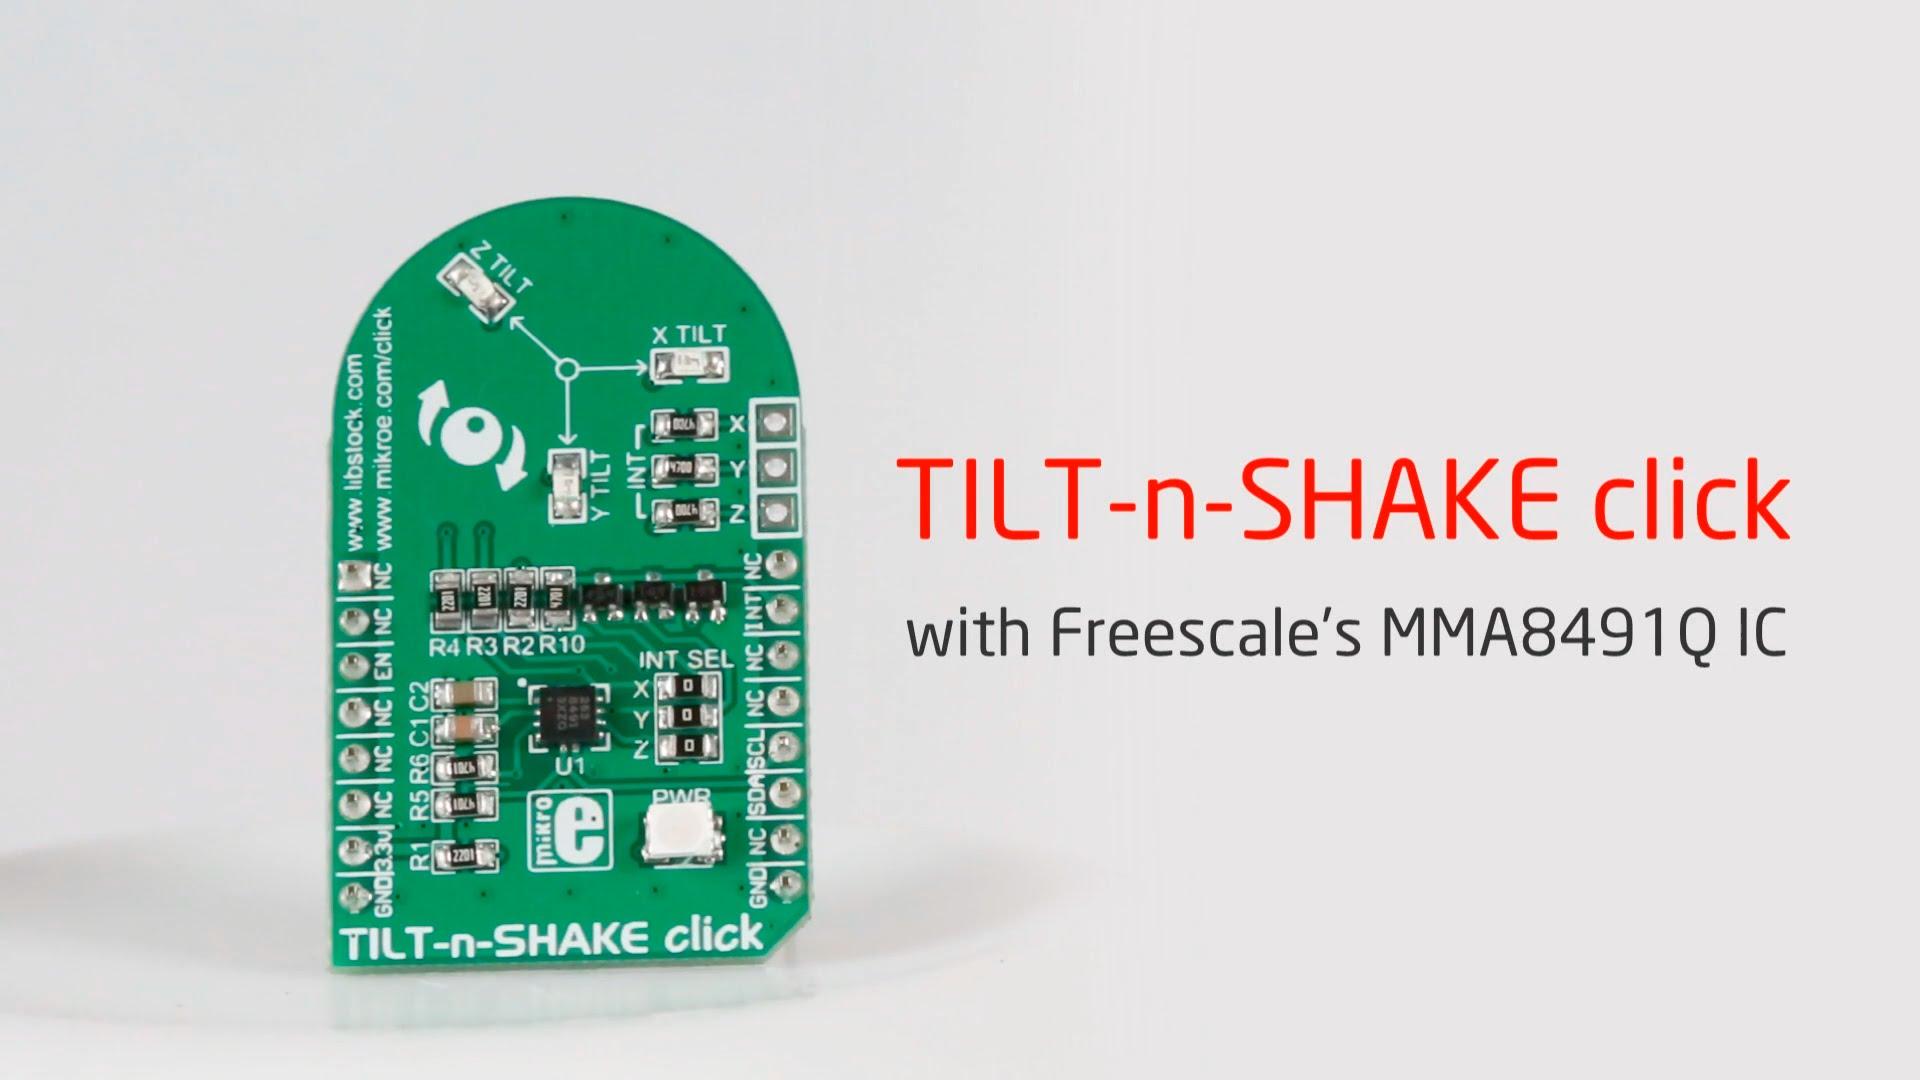 TILT-n-SHAKE click released